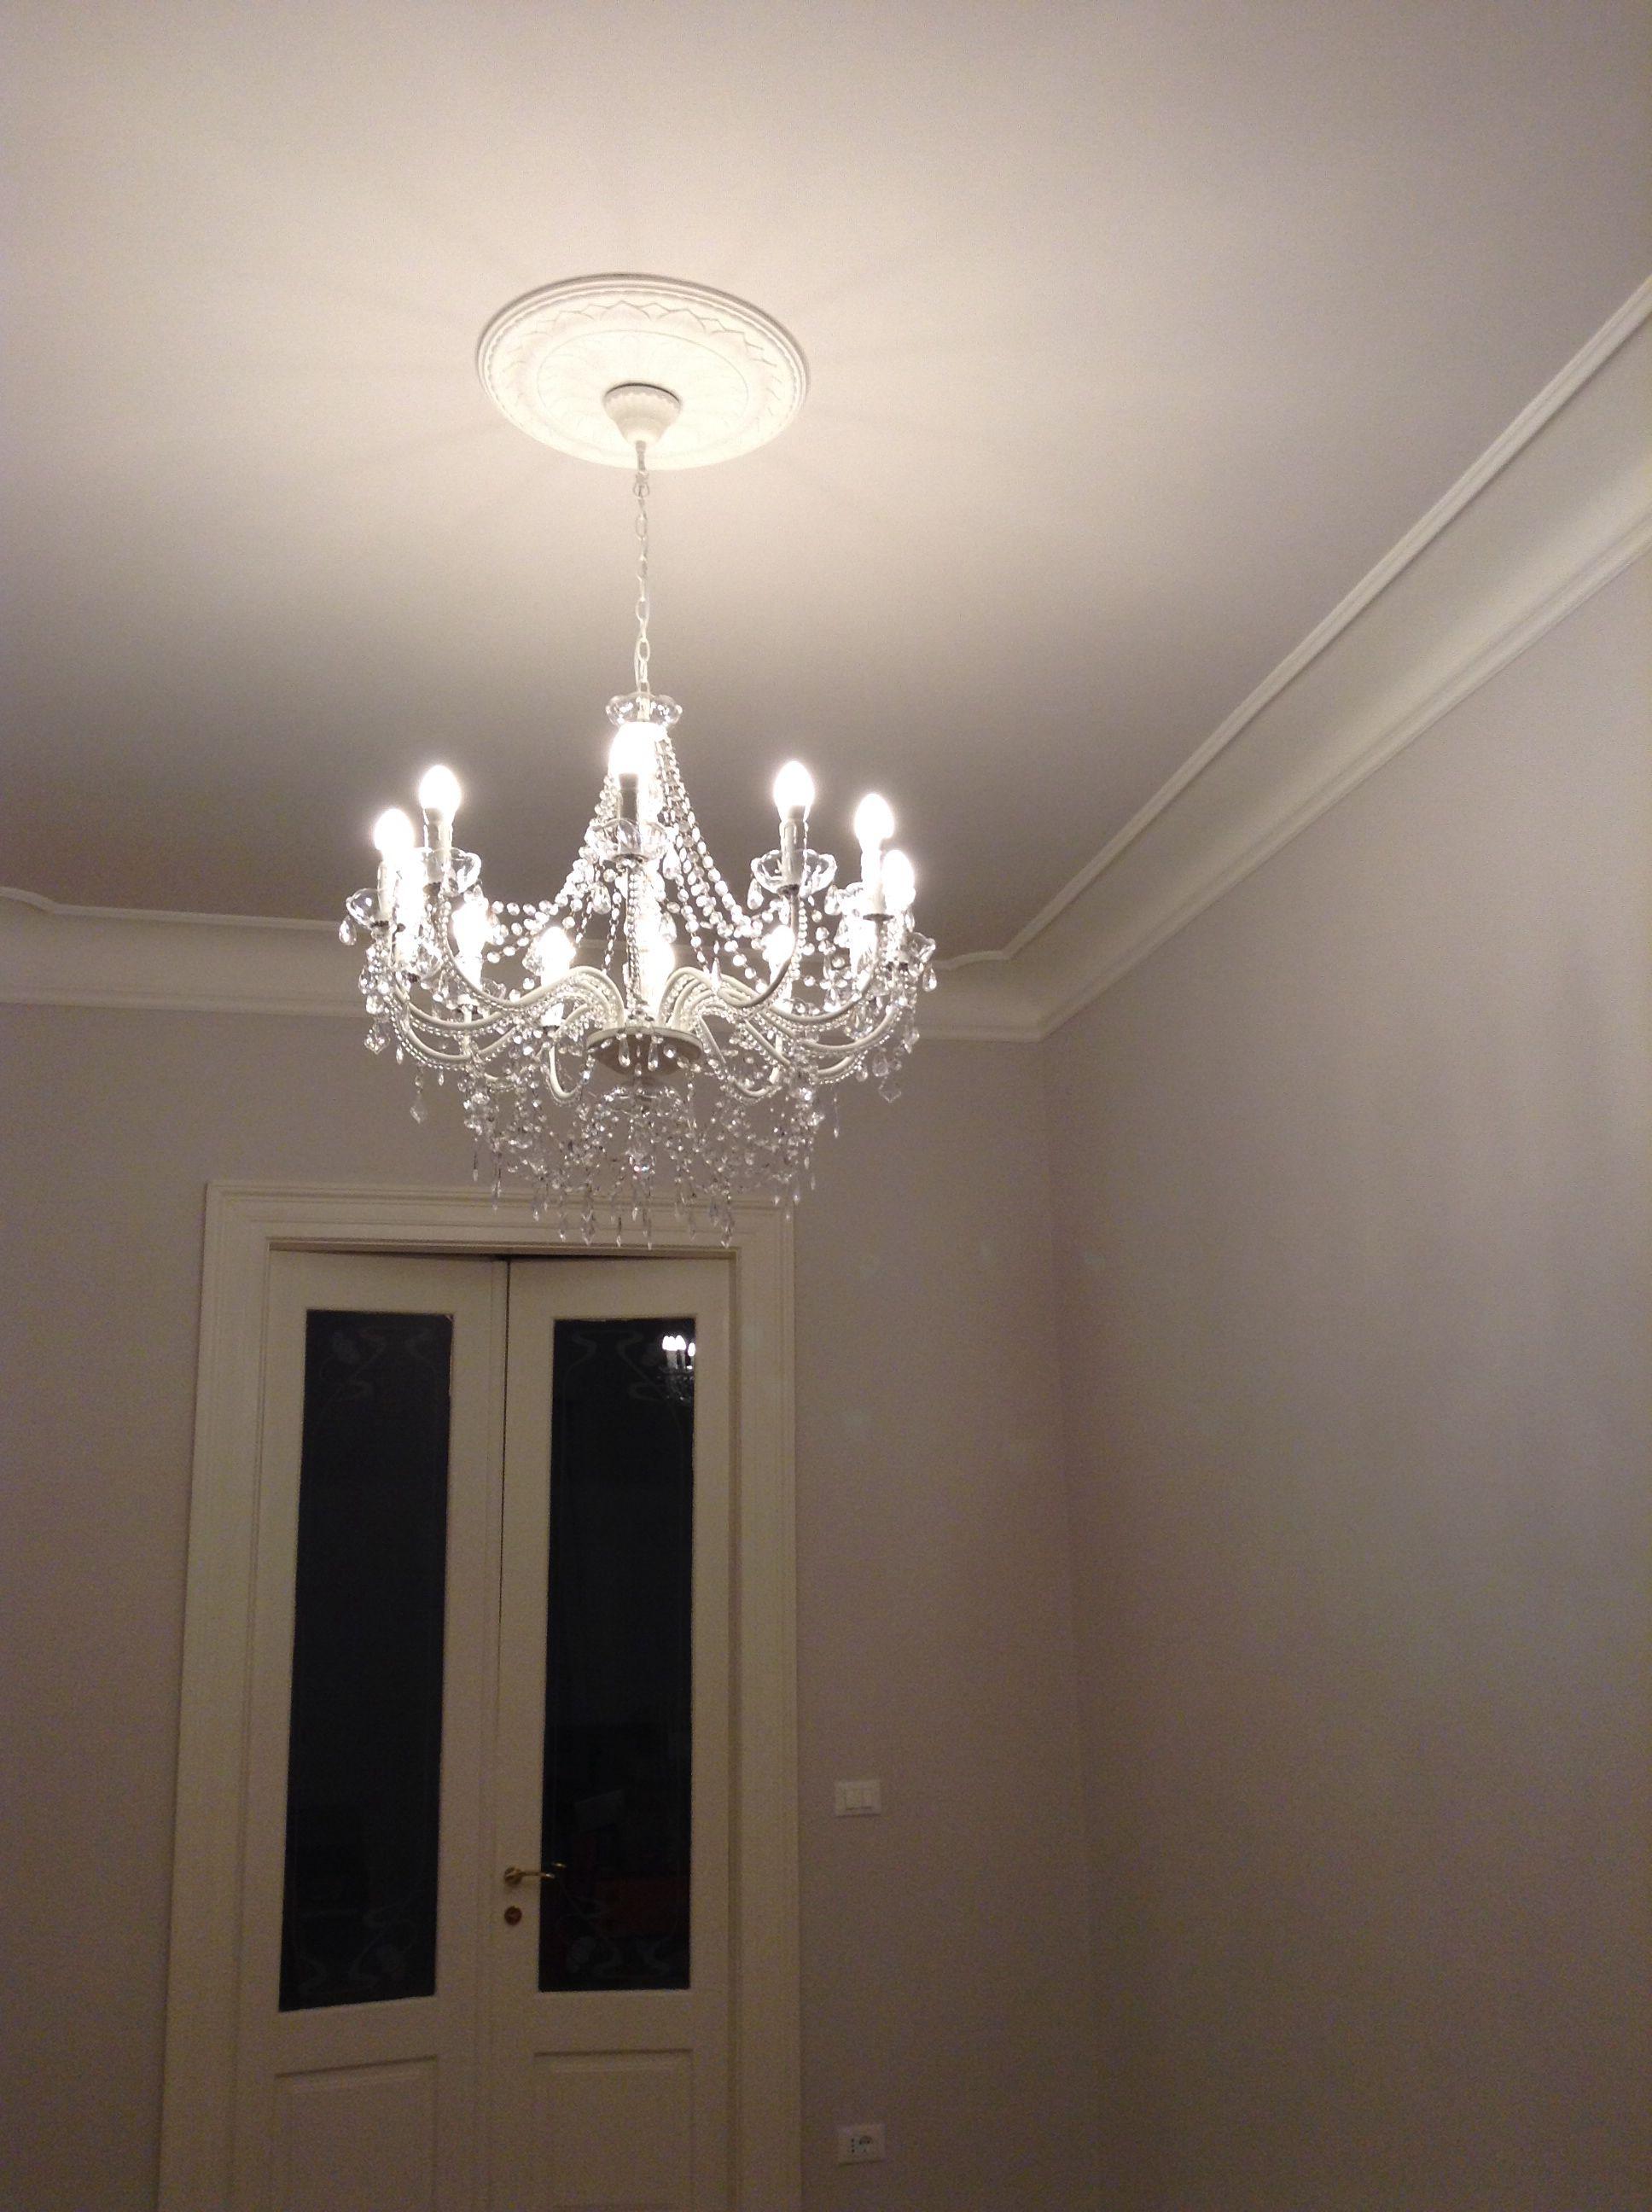 Lampadari Per Salotto Classico.Lampadario Per Ingresso Classico Arredamento Ingresso Casa